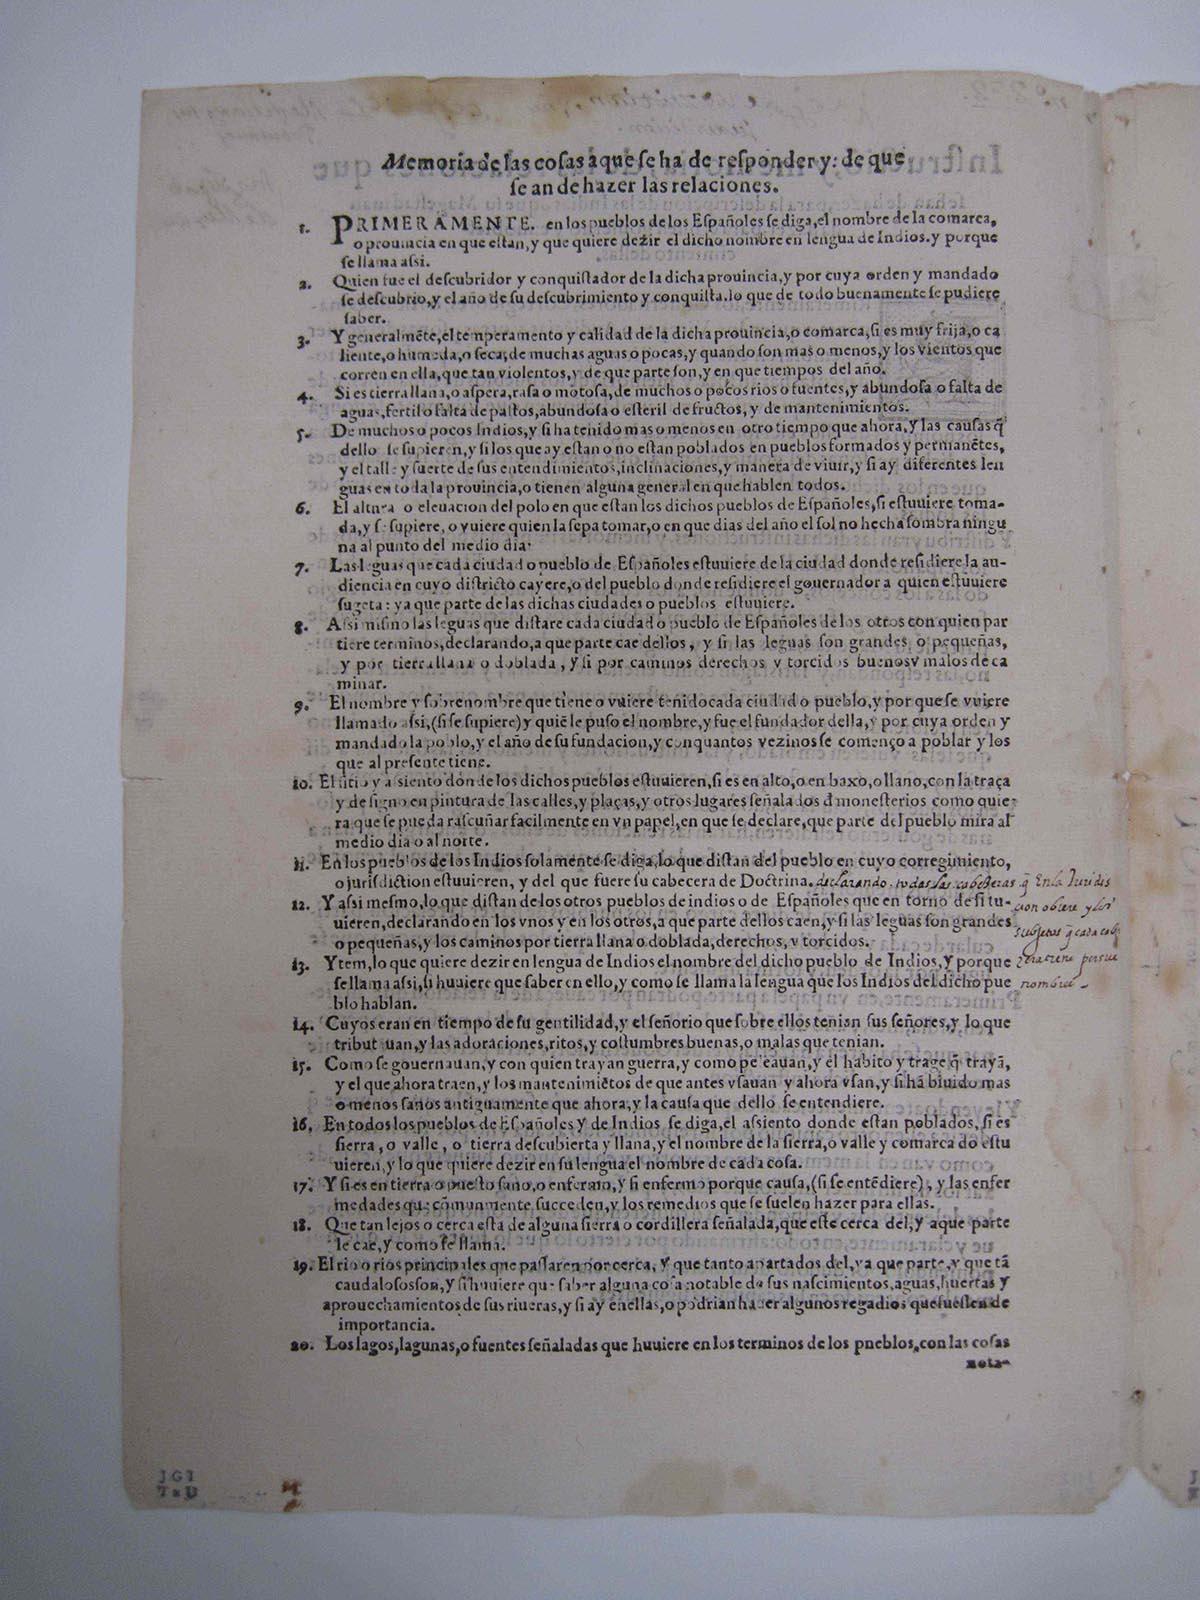 Relación de Metztitlan, October 1, 1579, courtesy of the Benson Latin American Collection